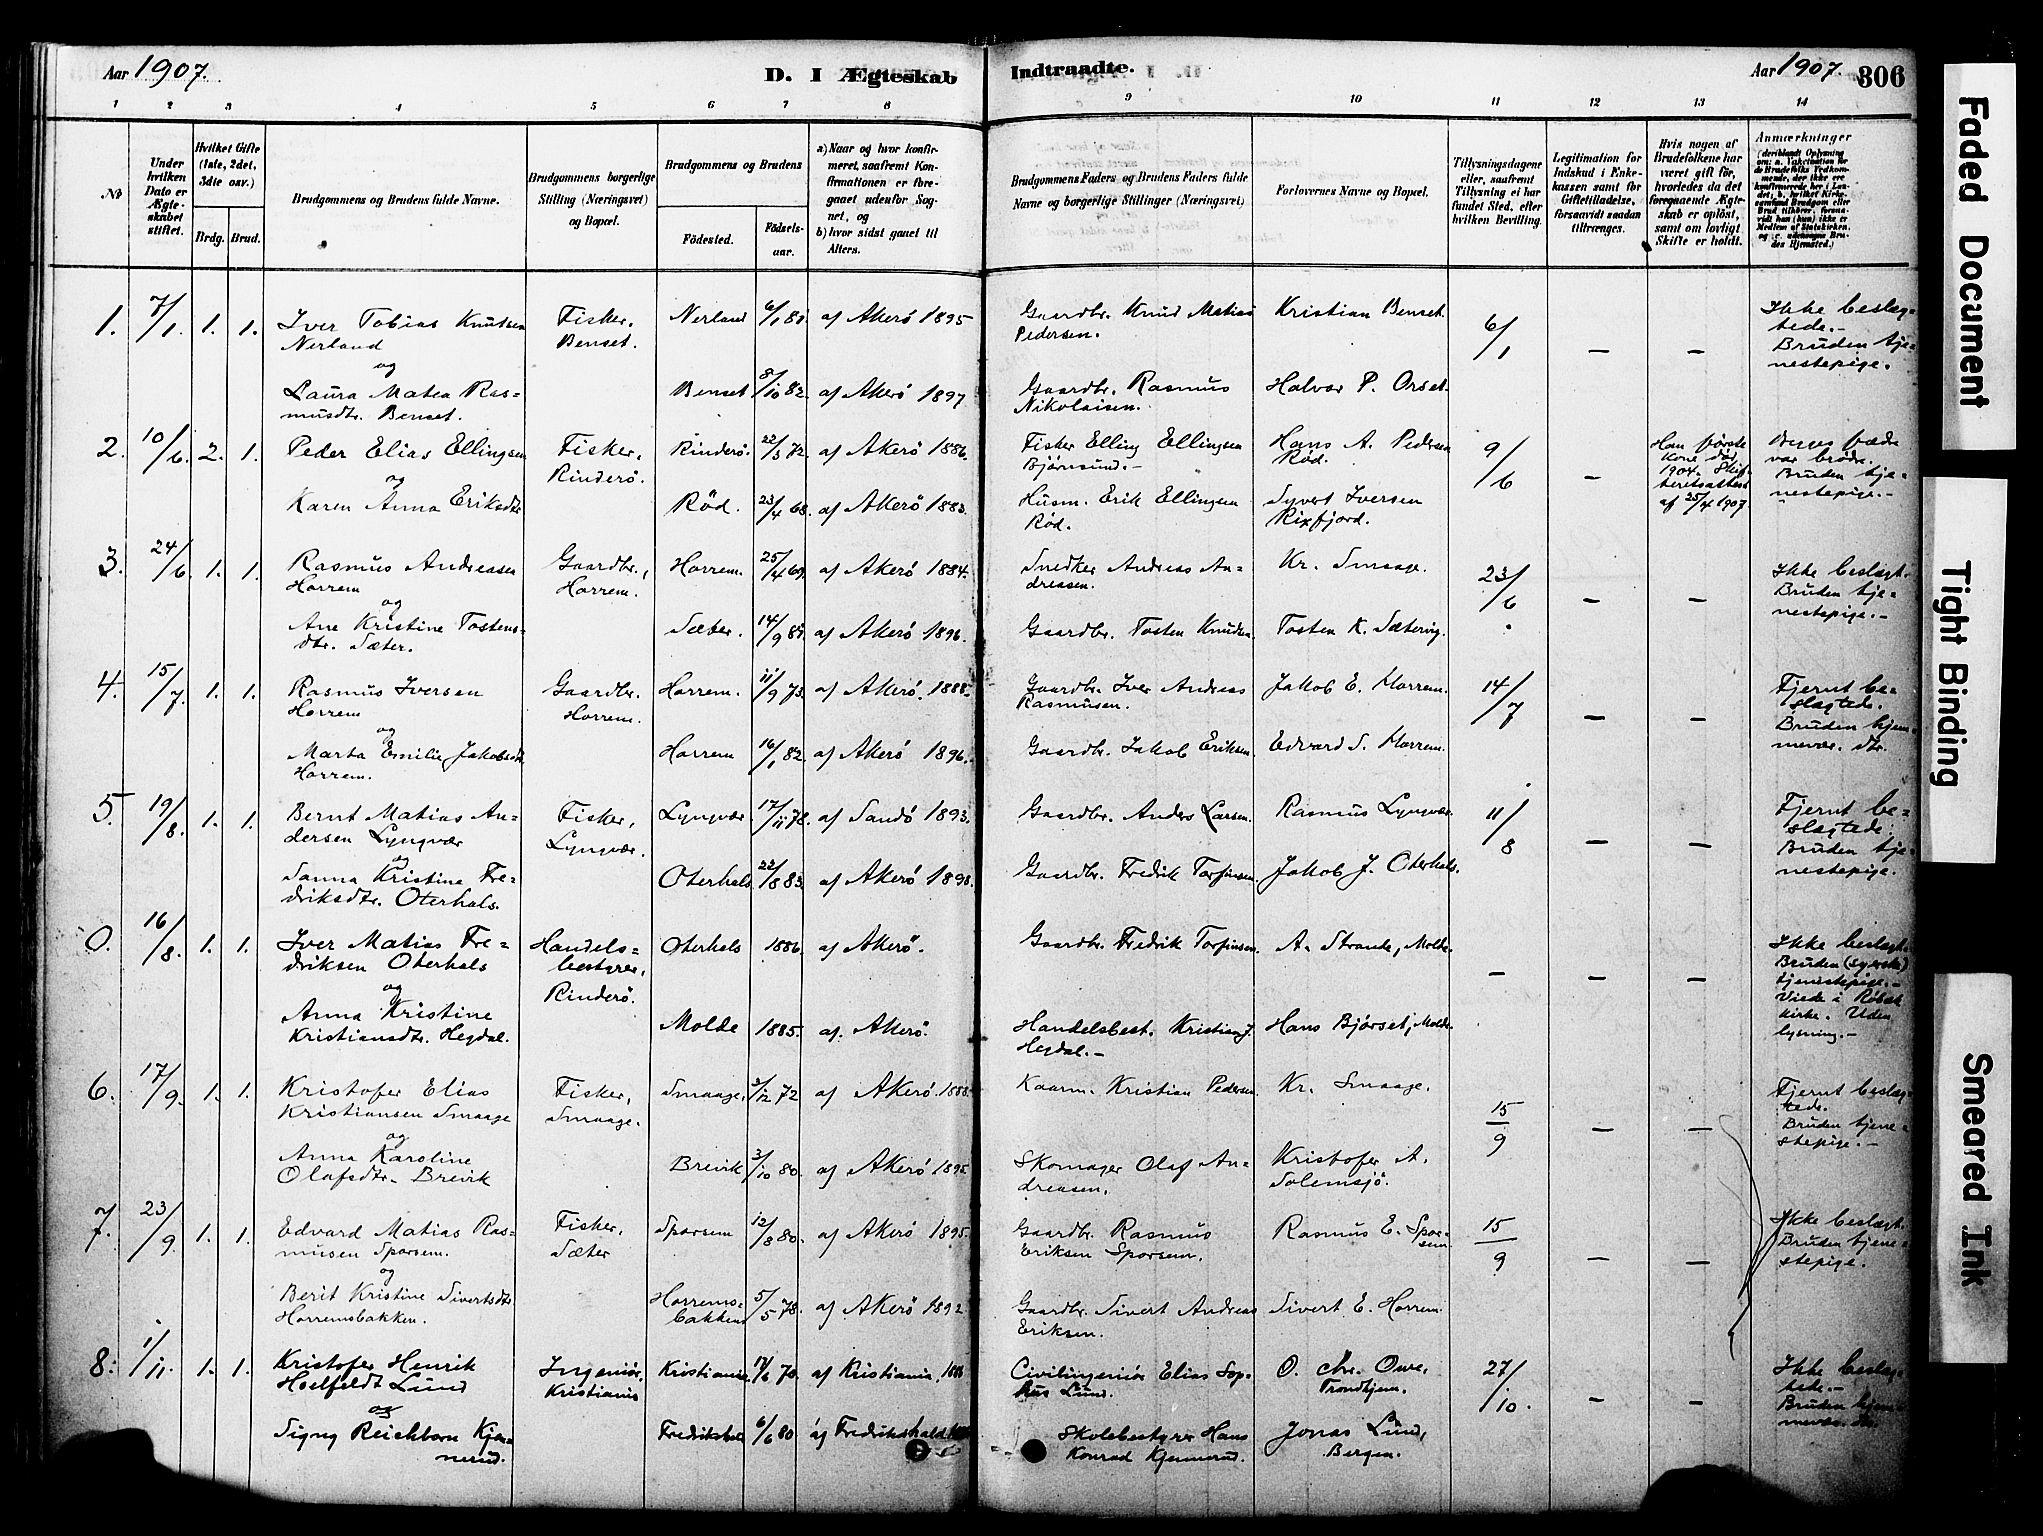 SAT, Ministerialprotokoller, klokkerbøker og fødselsregistre - Møre og Romsdal, 560/L0721: Ministerialbok nr. 560A05, 1878-1917, s. 306